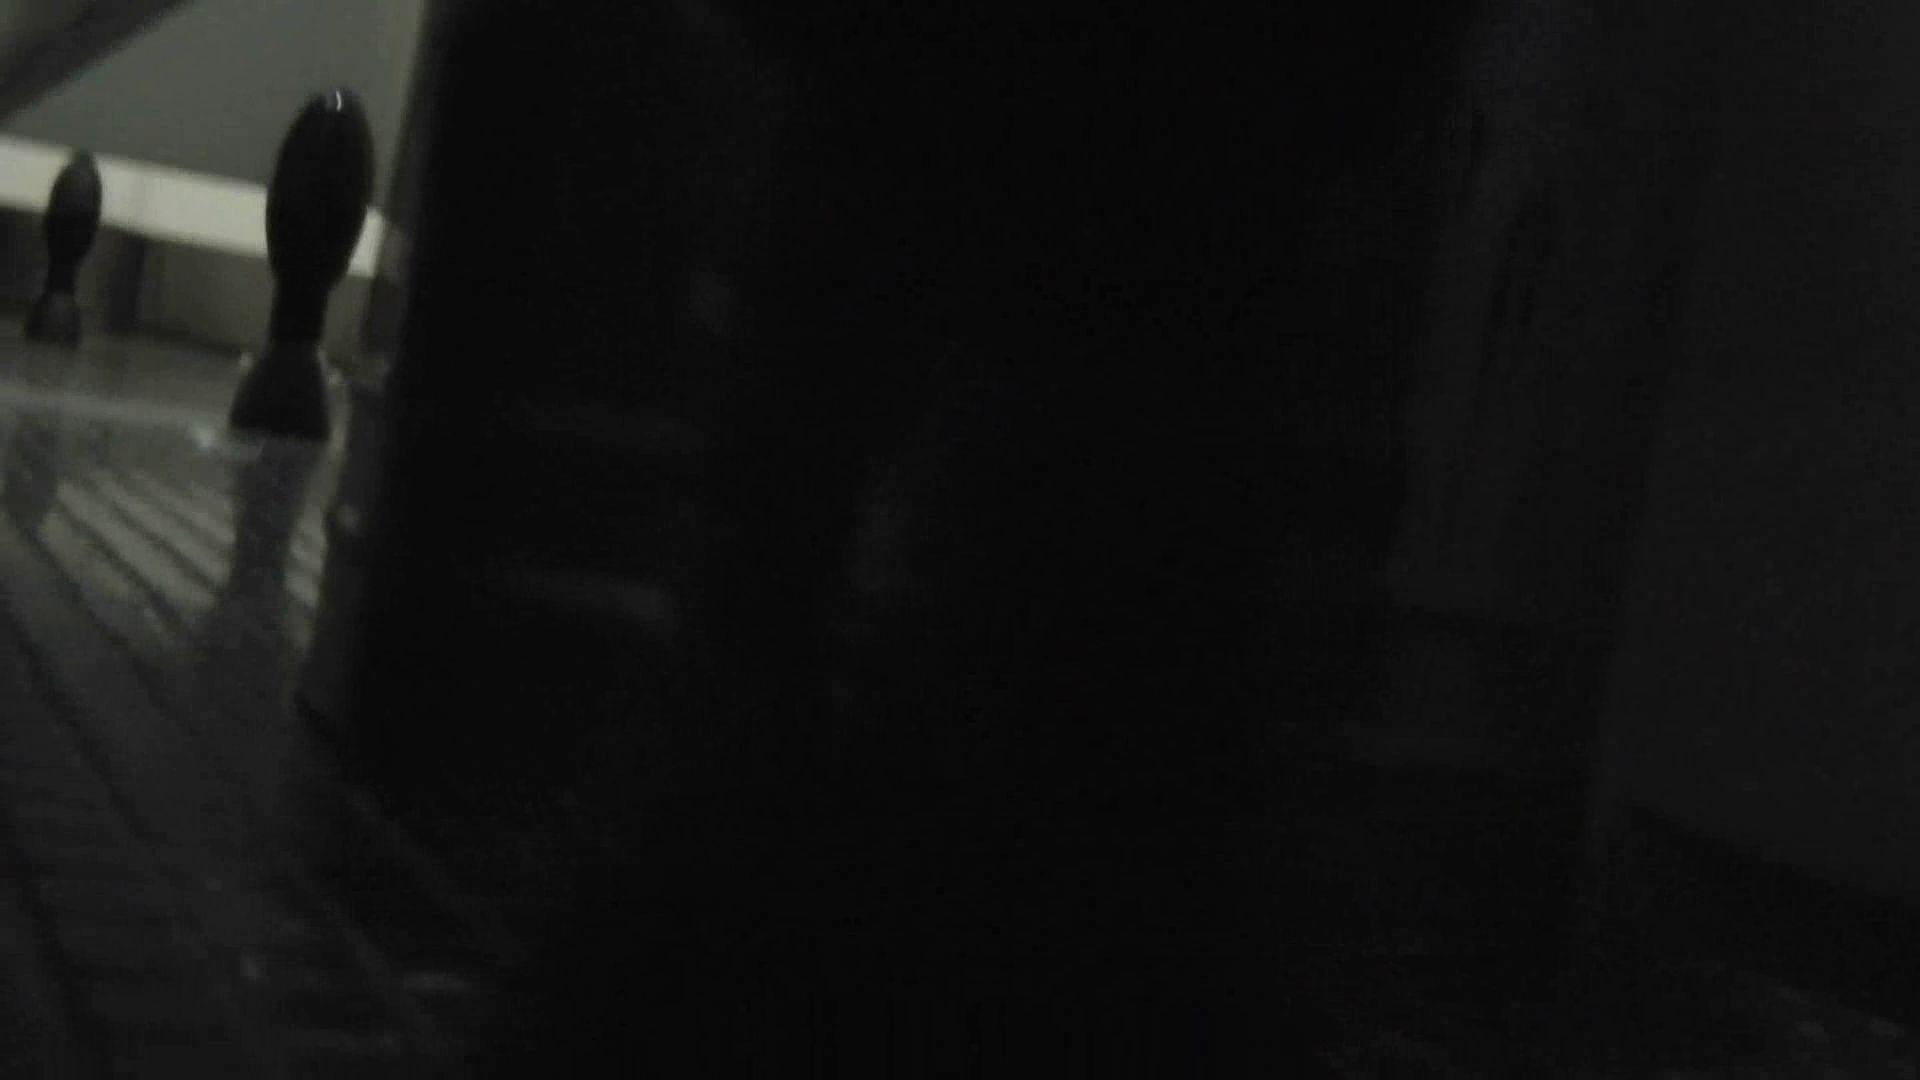 【日本成人用品展览会。超模如云】vol.01 着替|空爆 美しいOLの裸体 オメコ動画キャプチャ 103pic 14